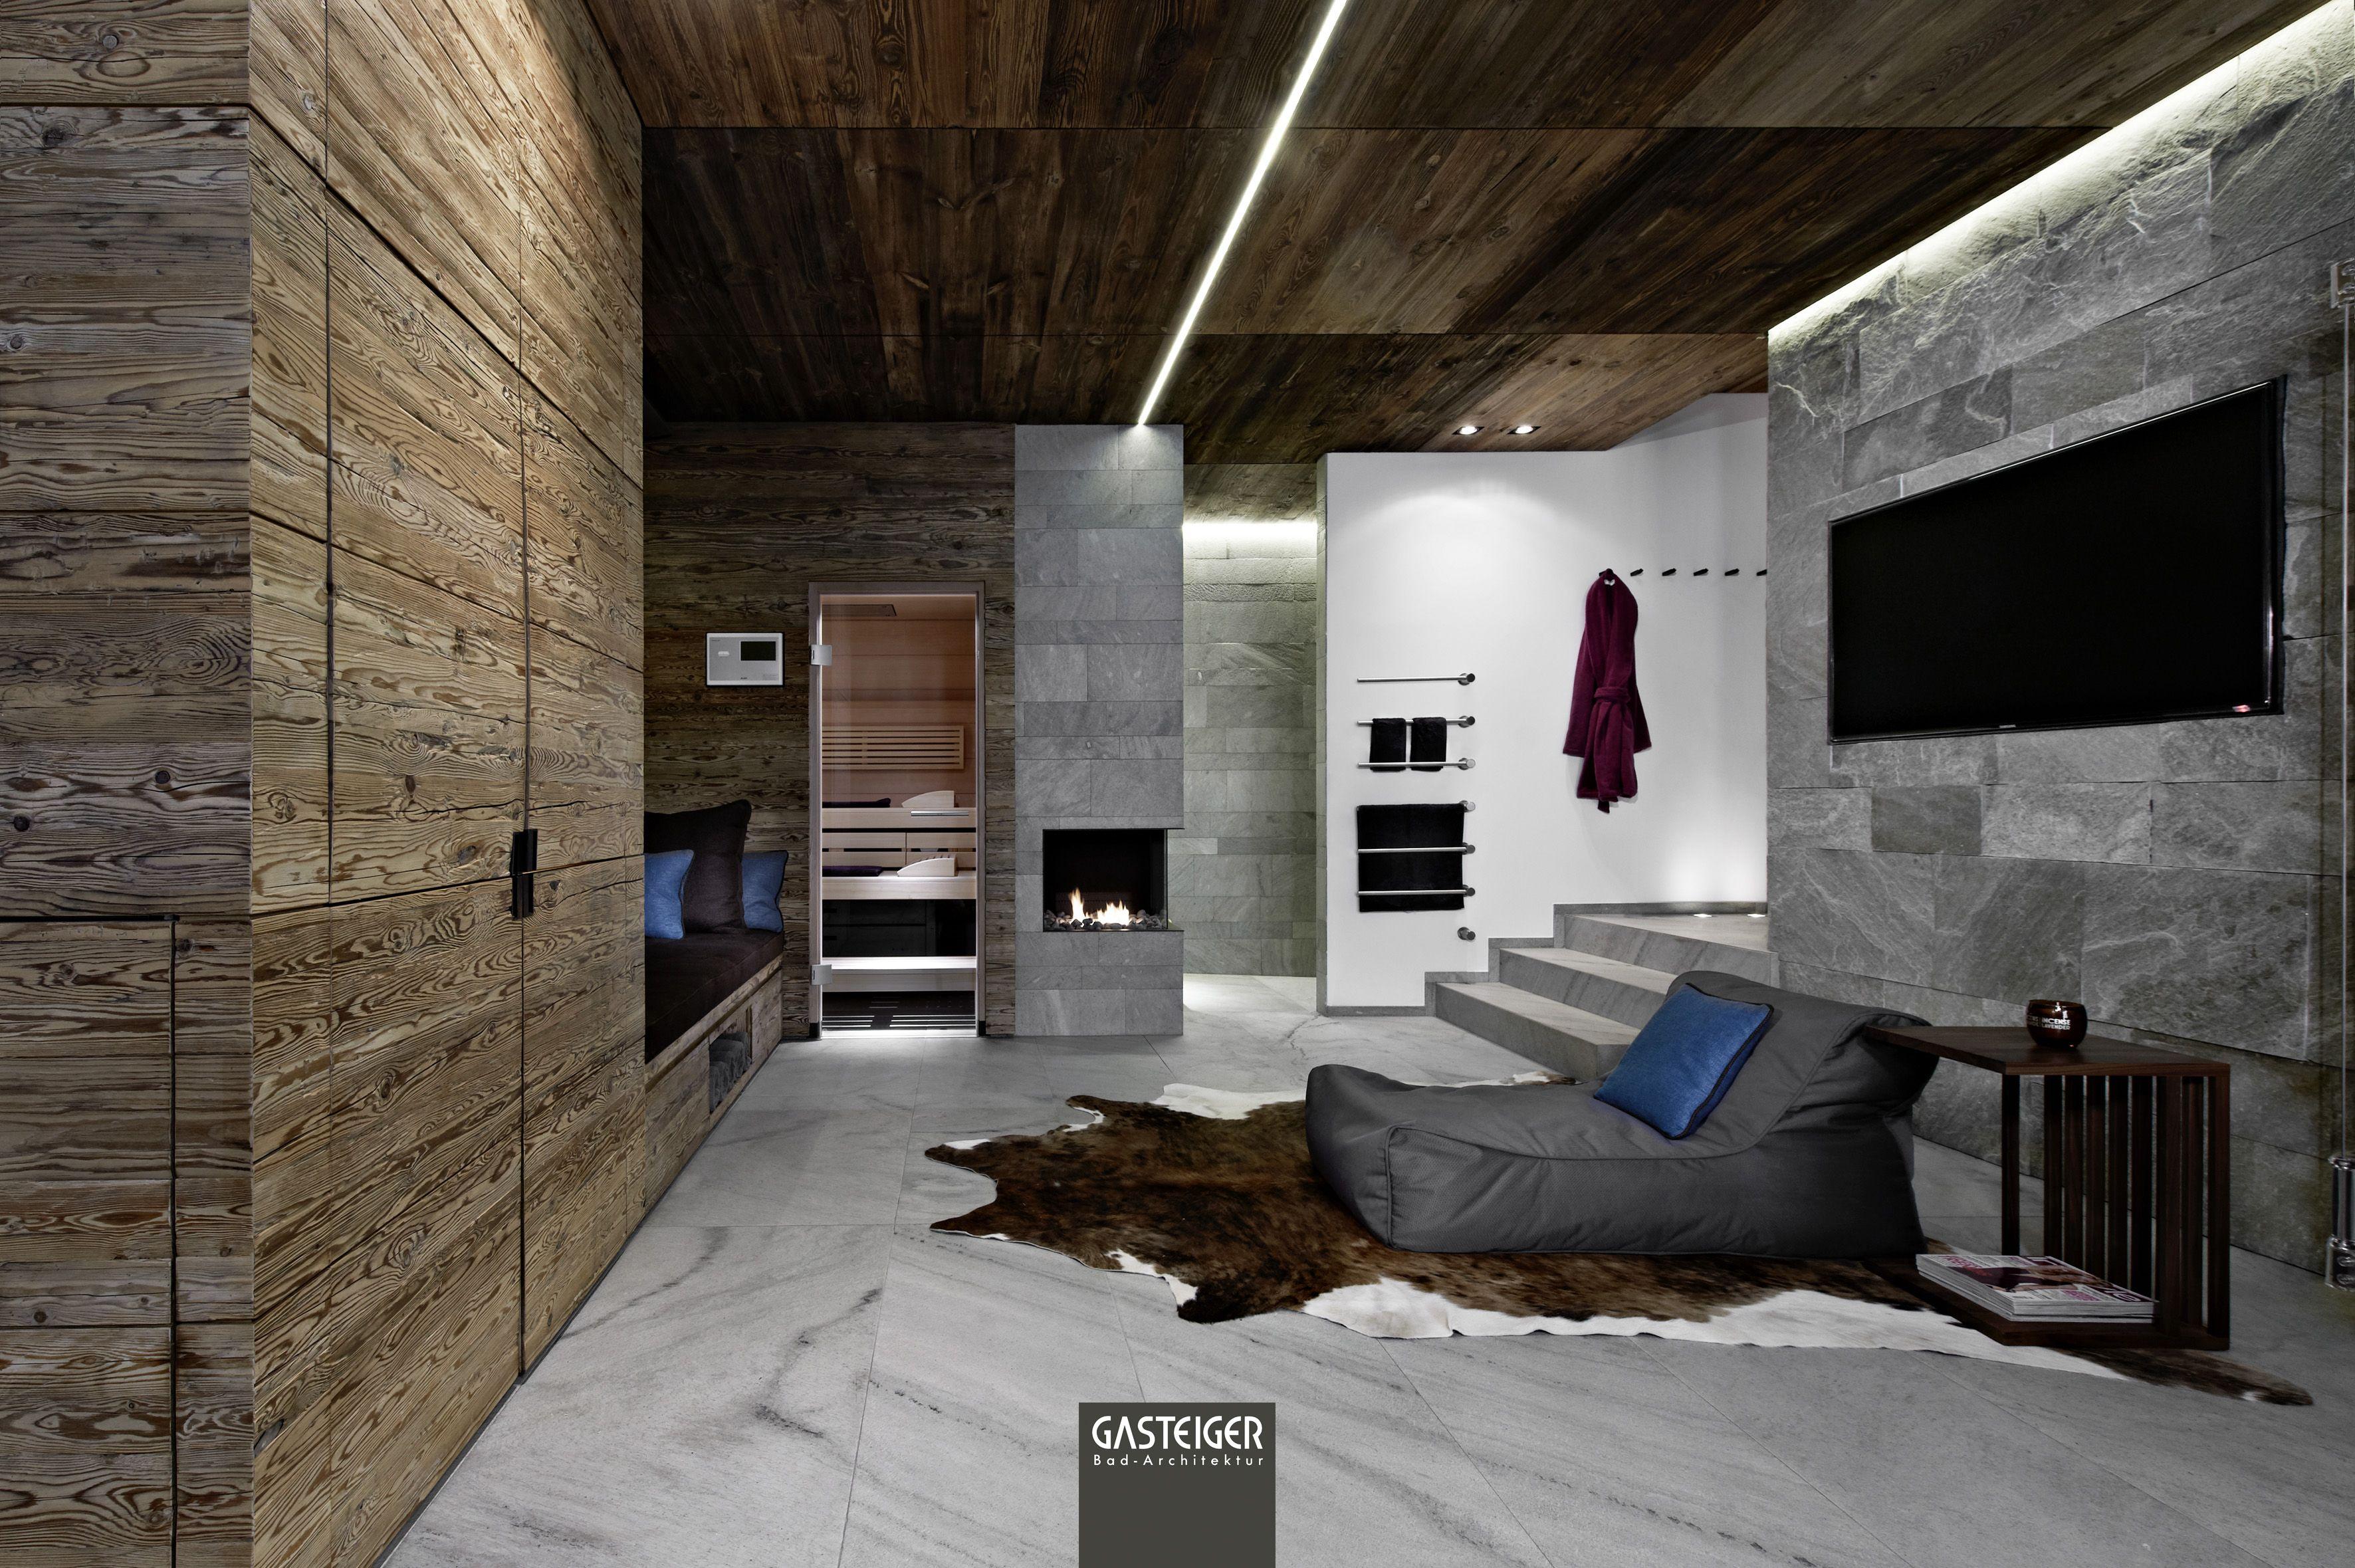 bichlalm, design reinhard strasser innenachitektur, ausführung, Badezimmer ideen